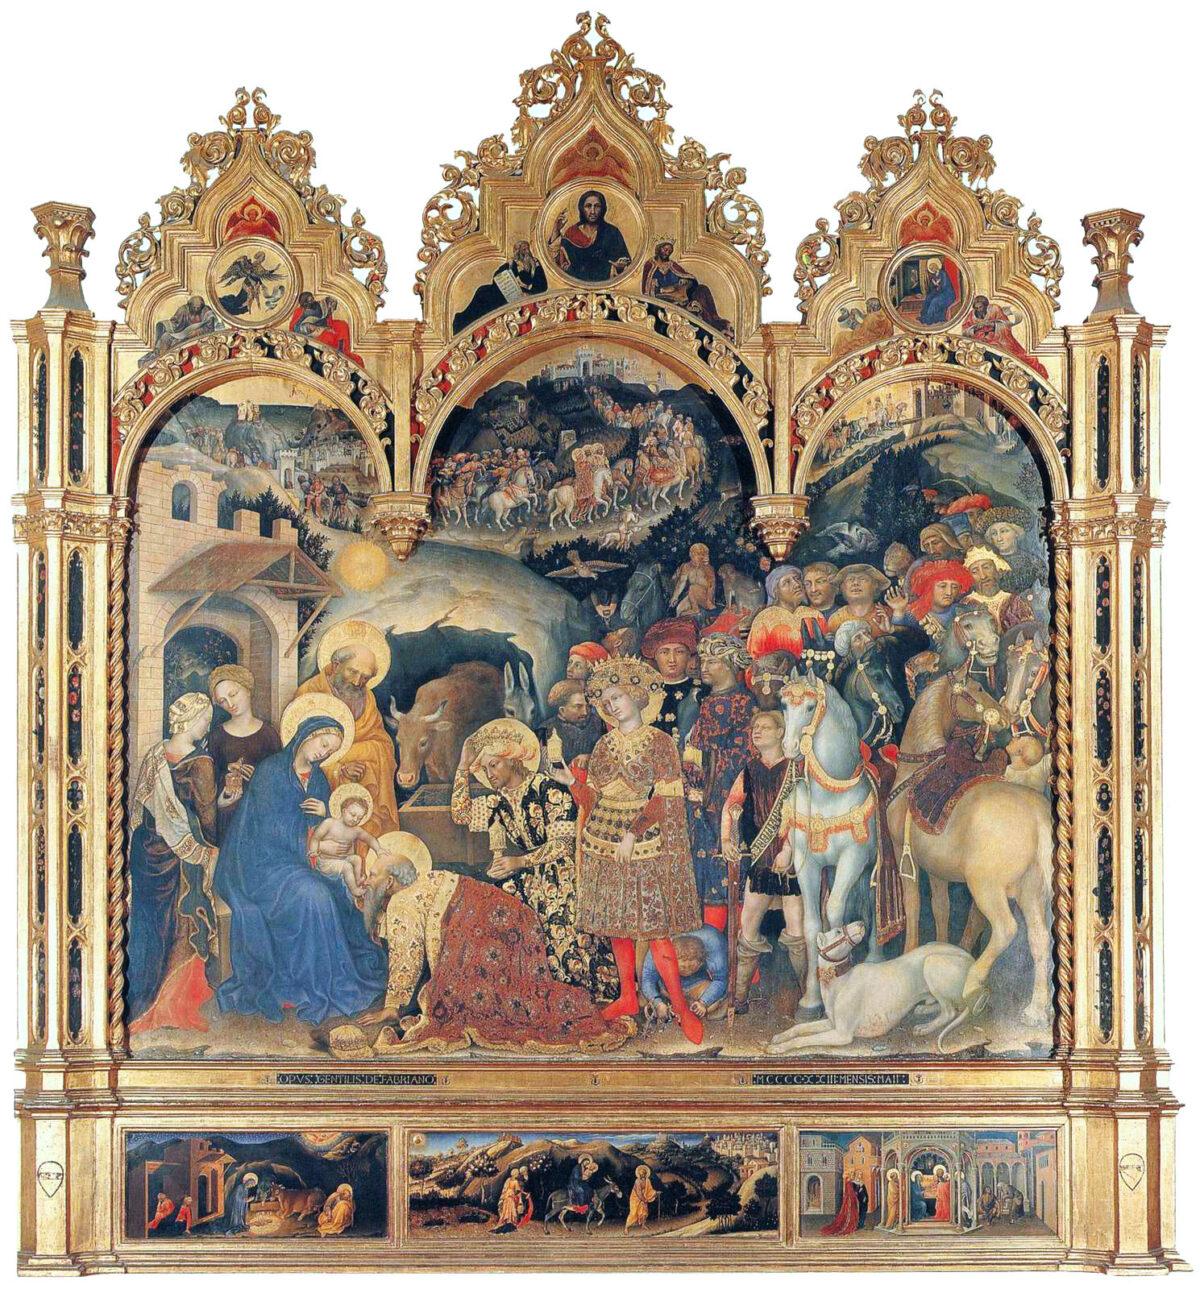 Adoration of the Magi by Gentile_da_Fabriano